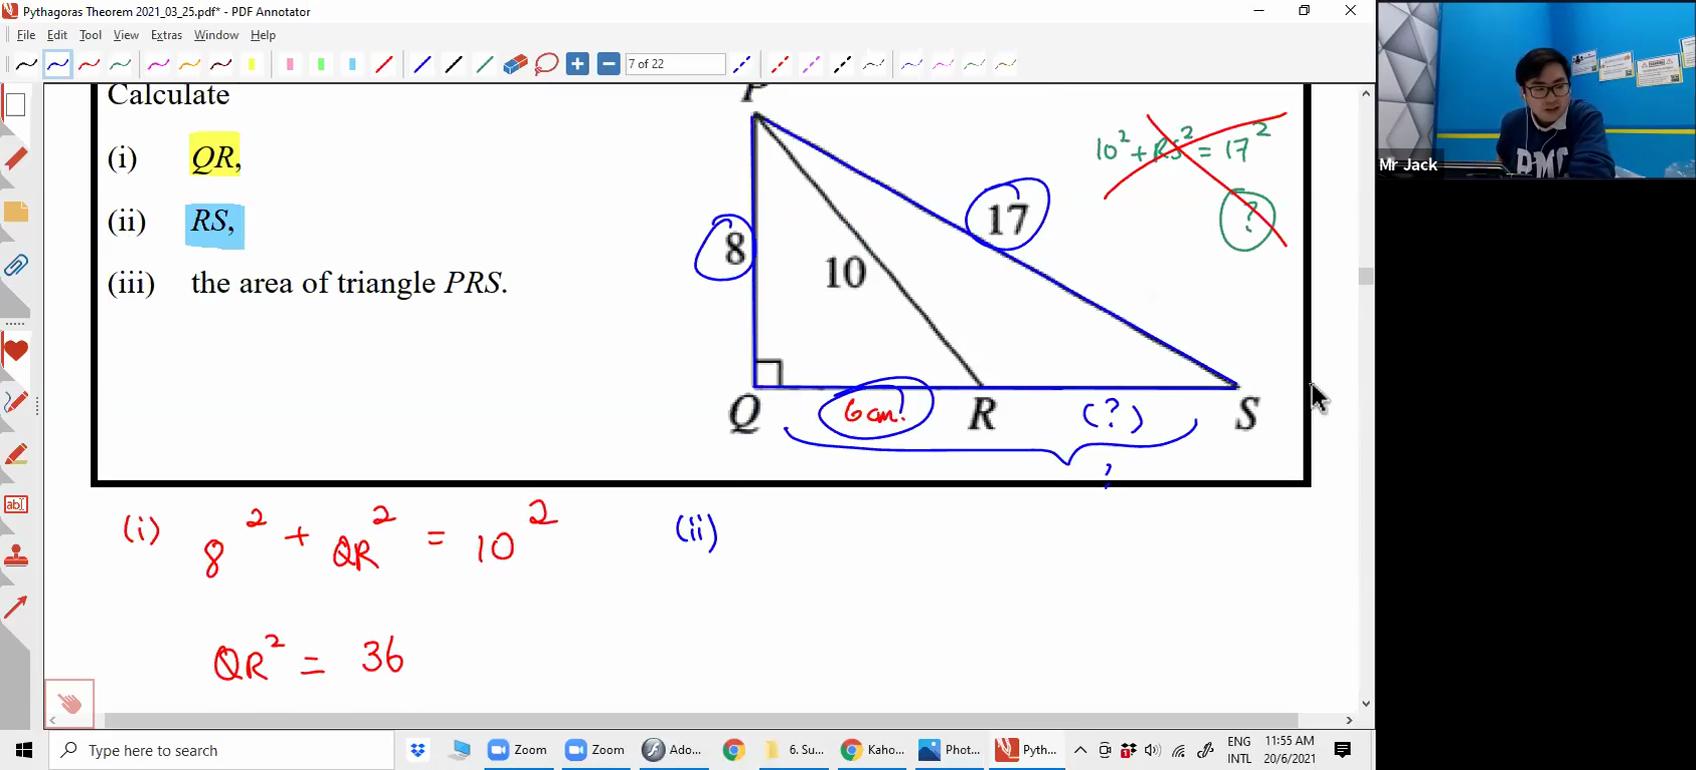 [PYTHAGORAS THEOREM] Pythagoras Theorem